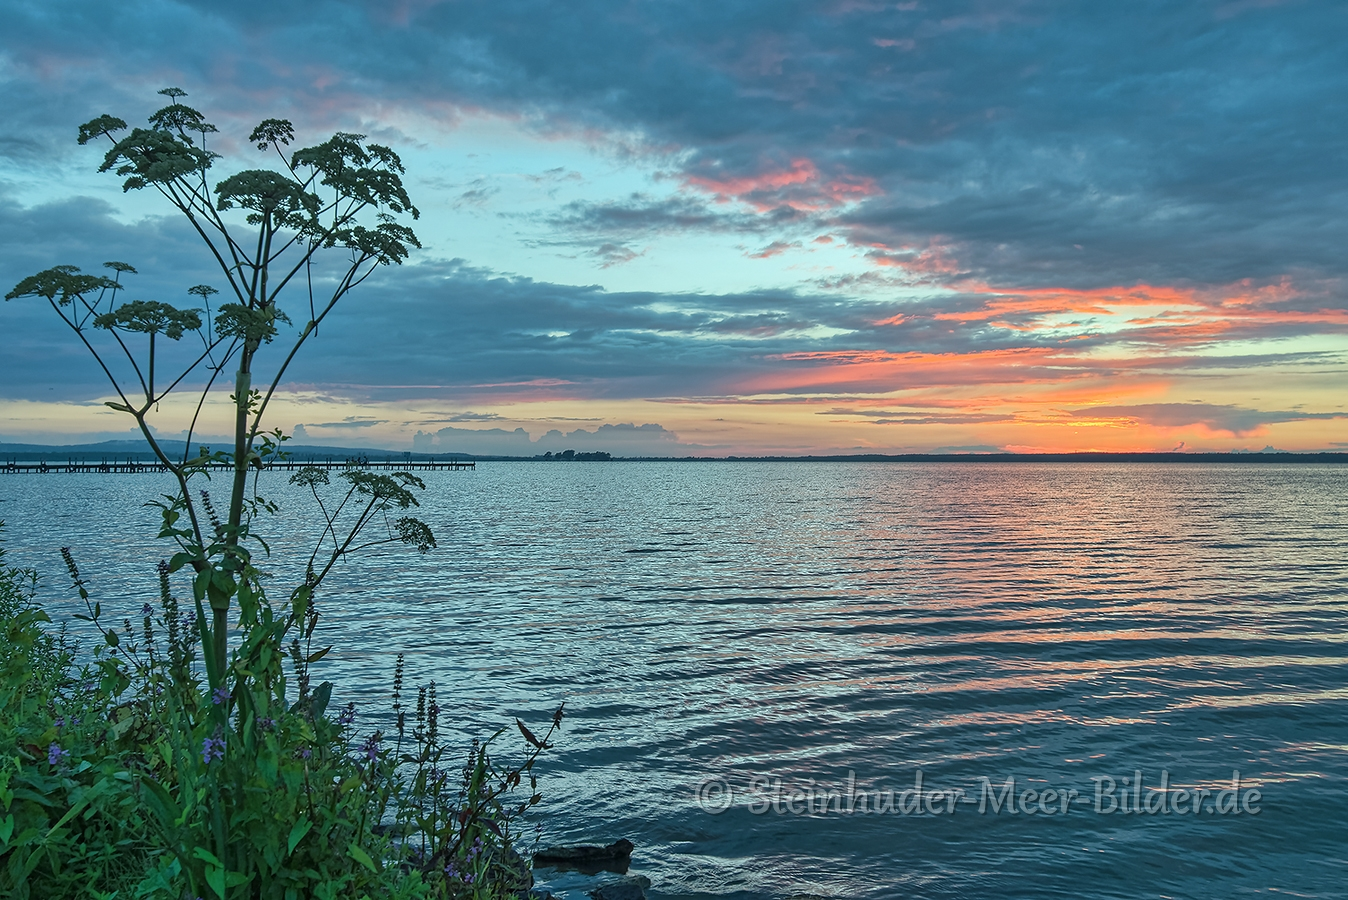 Abendrot-Wolken-Wolkenhimmel-Sonnenuntergang-Abendhimmel-Daemmerung-Abendstimmung-Abendlicht-Steinhuder Meer-A_NIK500_1135